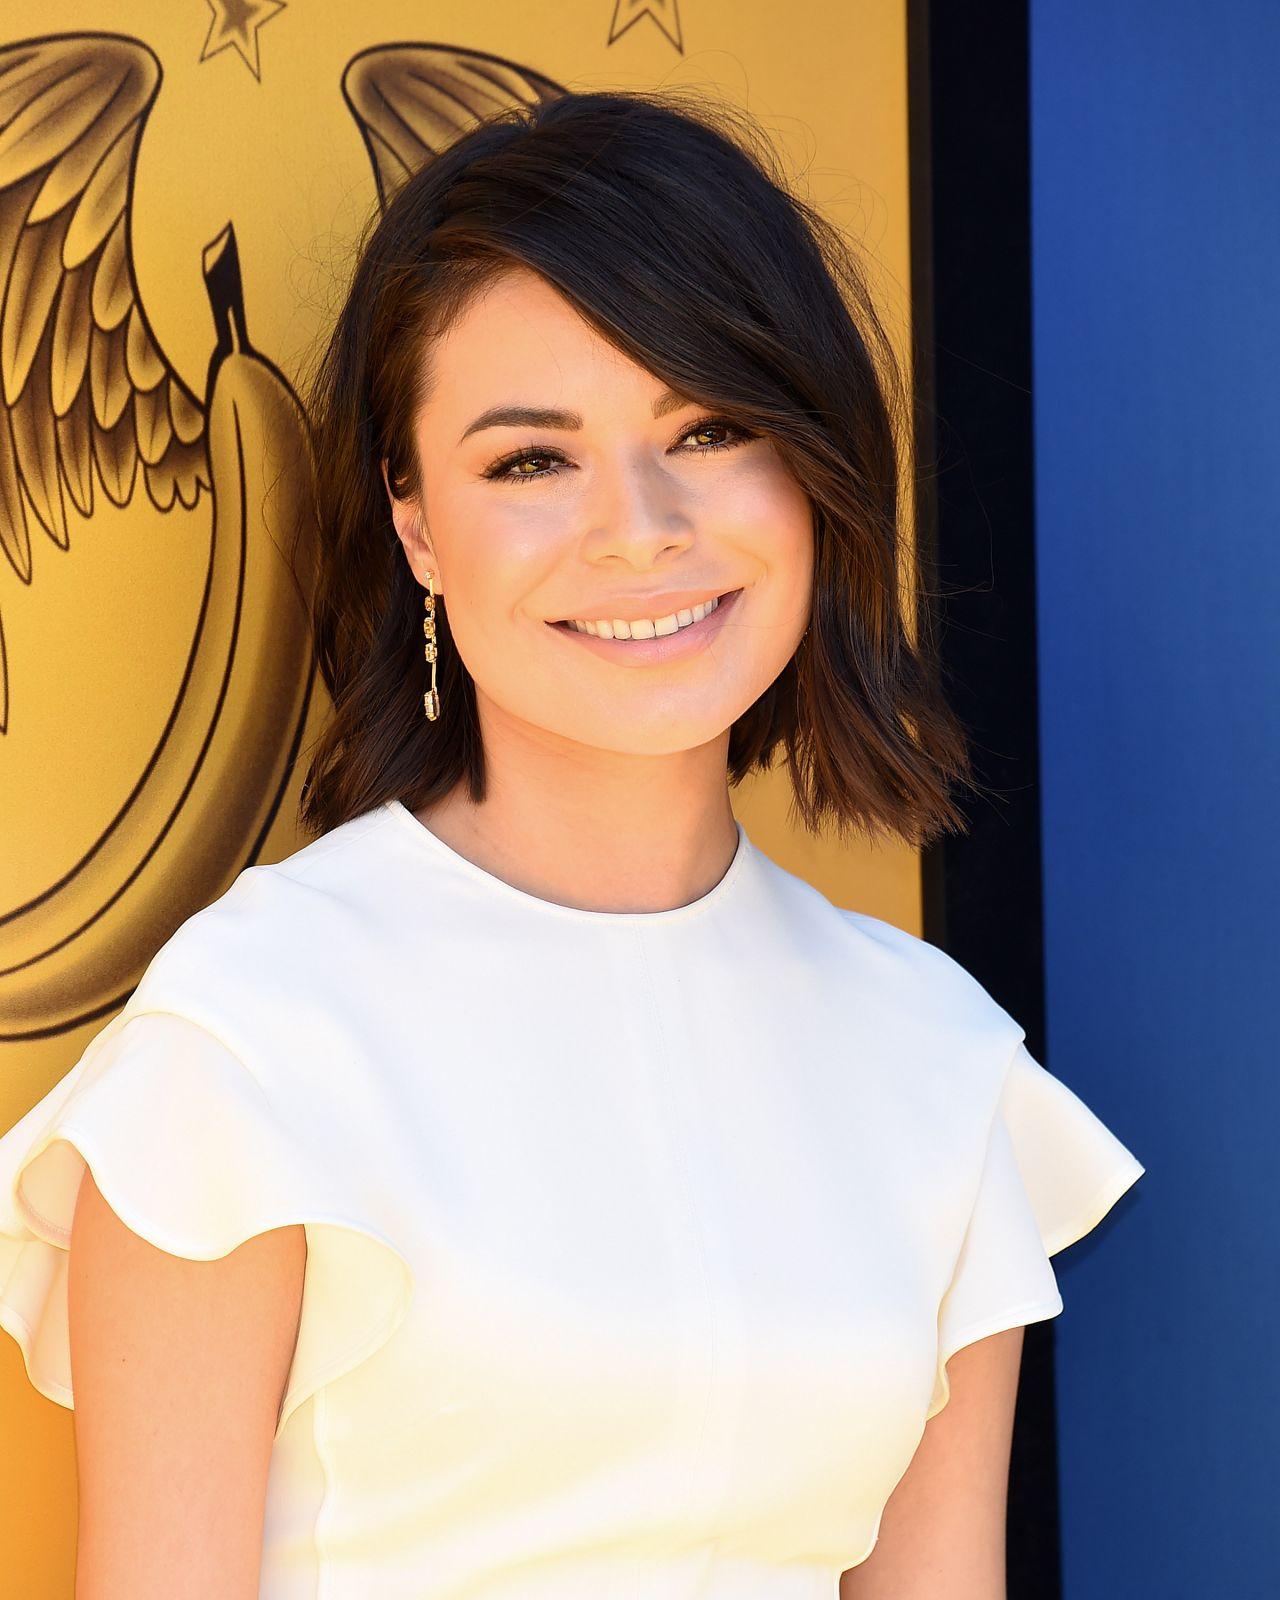 Miranda Cosgrove Despicable Me 3 Premiere In Los